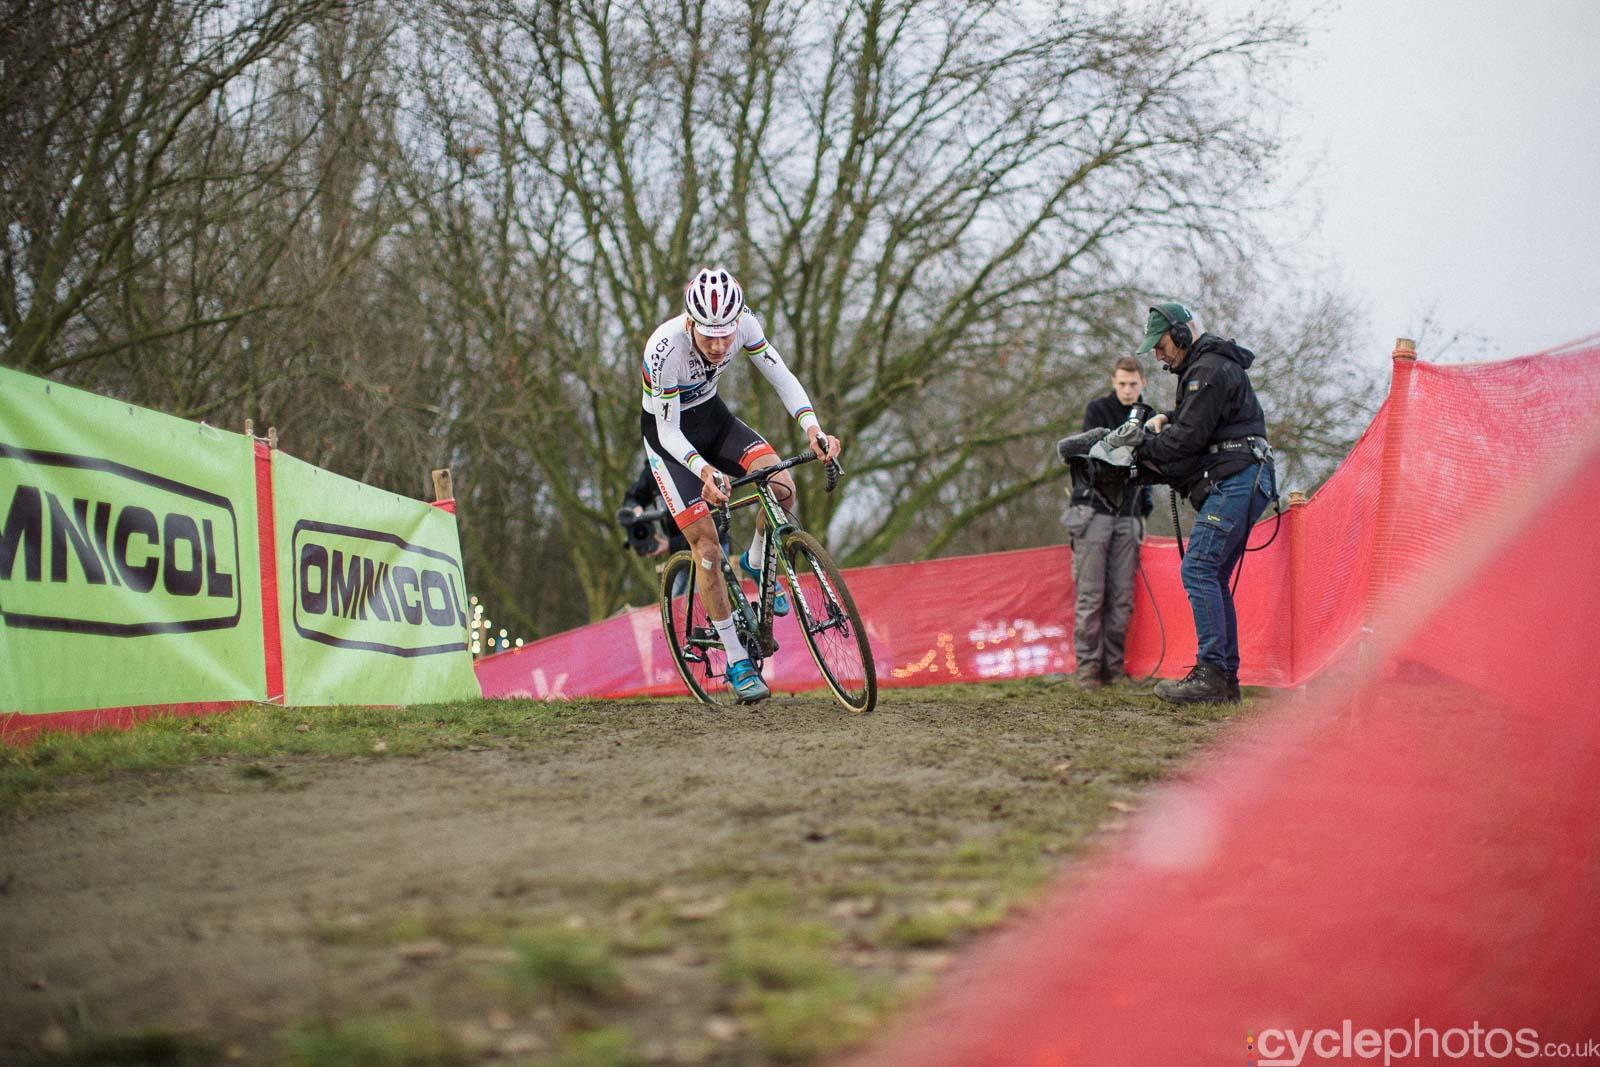 2015-cyclephotos-cyclocross-scheldecross-155120-mathieu-van-der-poel